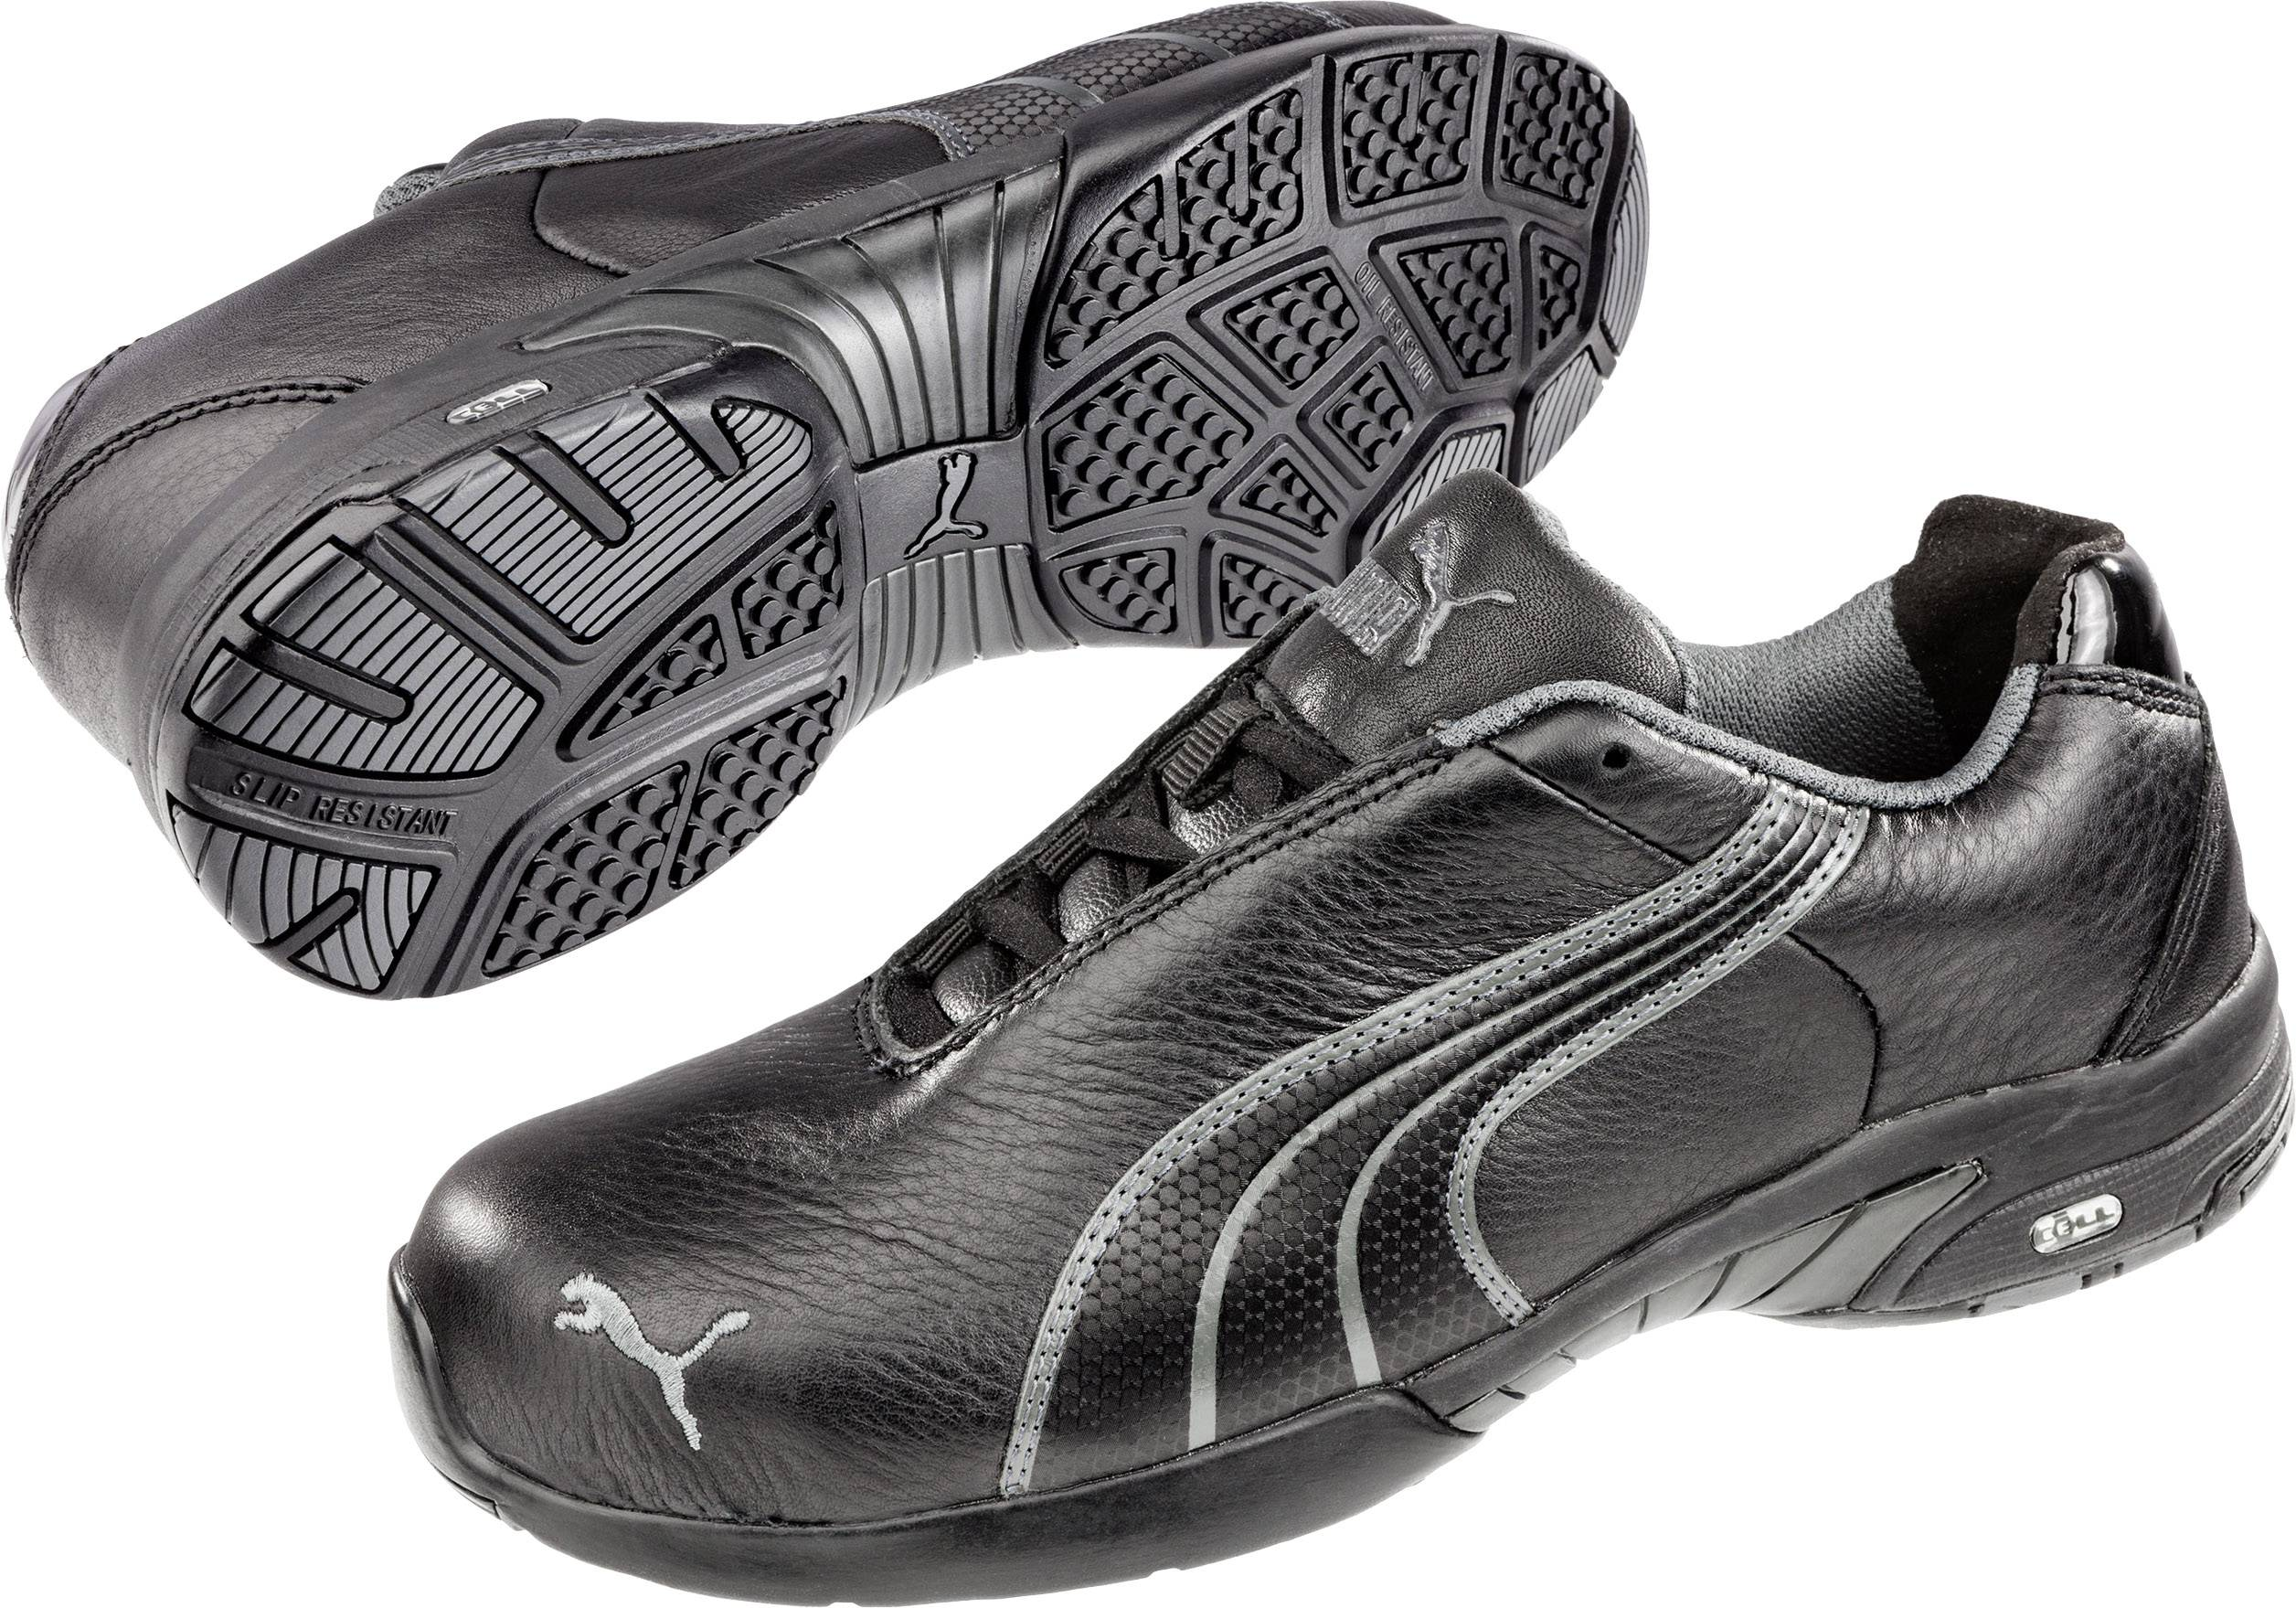 Bezpečnostní obuv S3 PUMA Safety Velocity Wns Low 642850, vel.: 41, černá, 1 pár